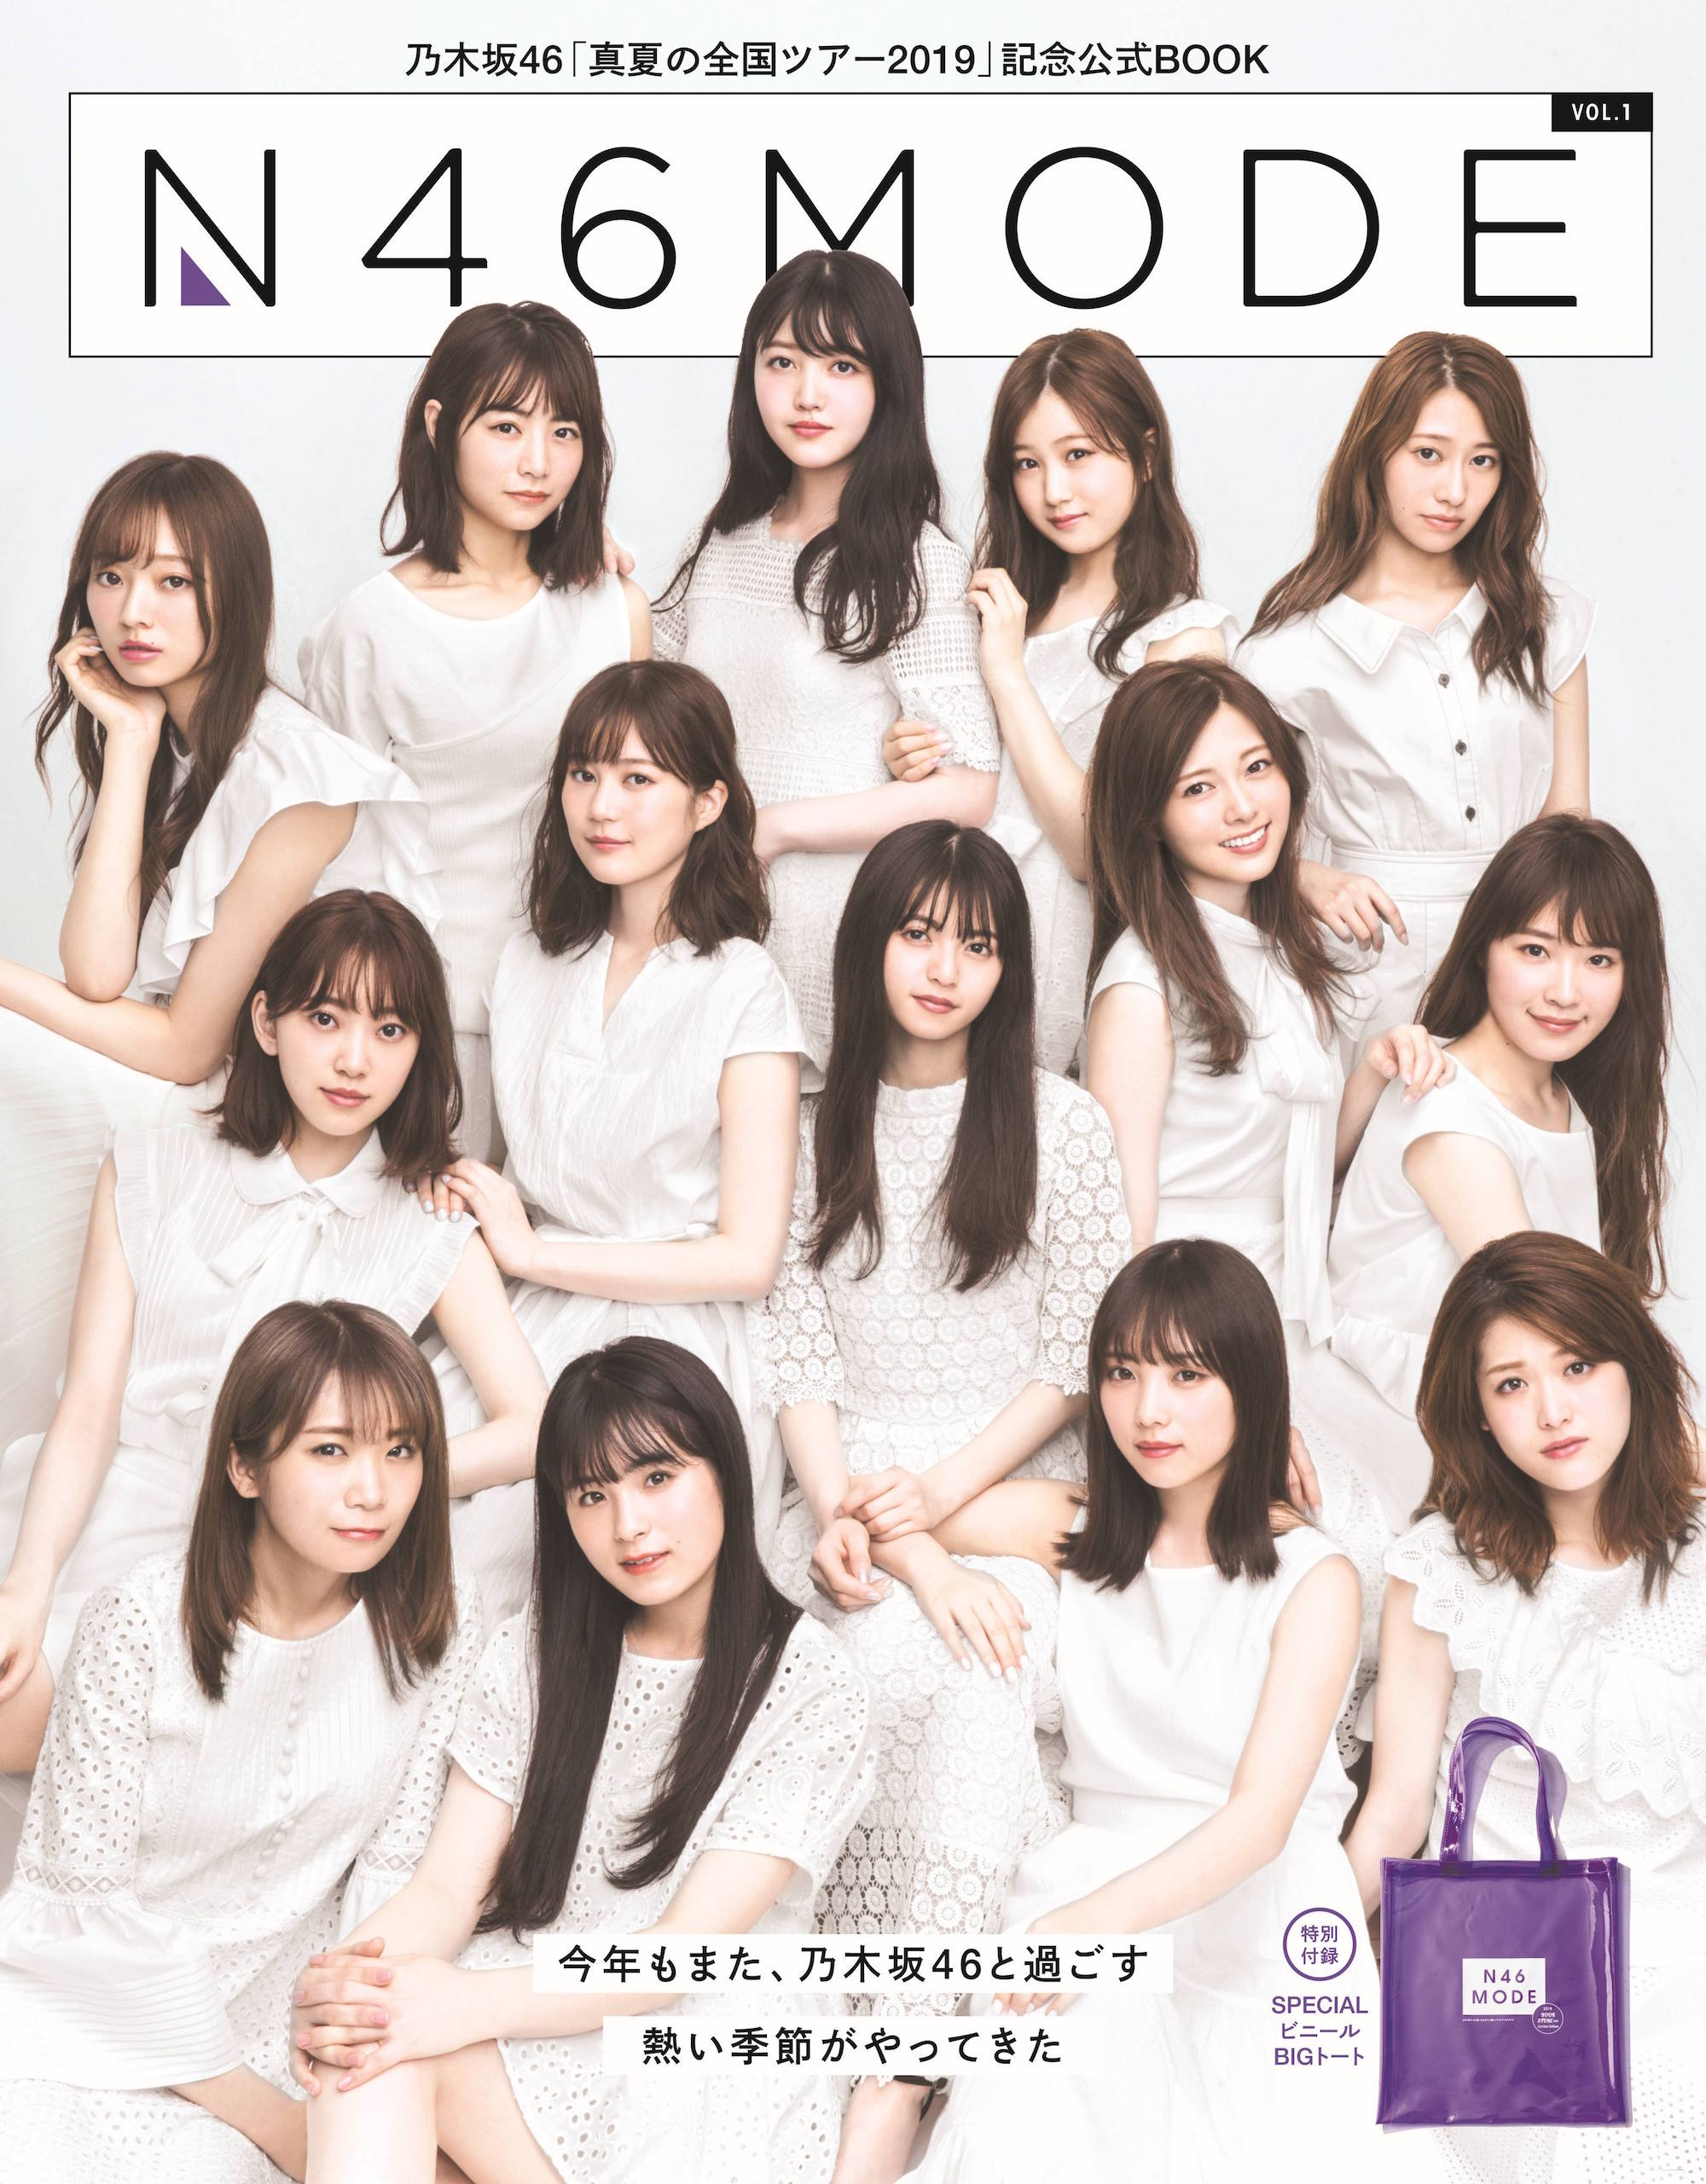 乃木坂46 真夏の全国ツアー公式SPECIAL BOOK「N46MODE vol.1」、表紙